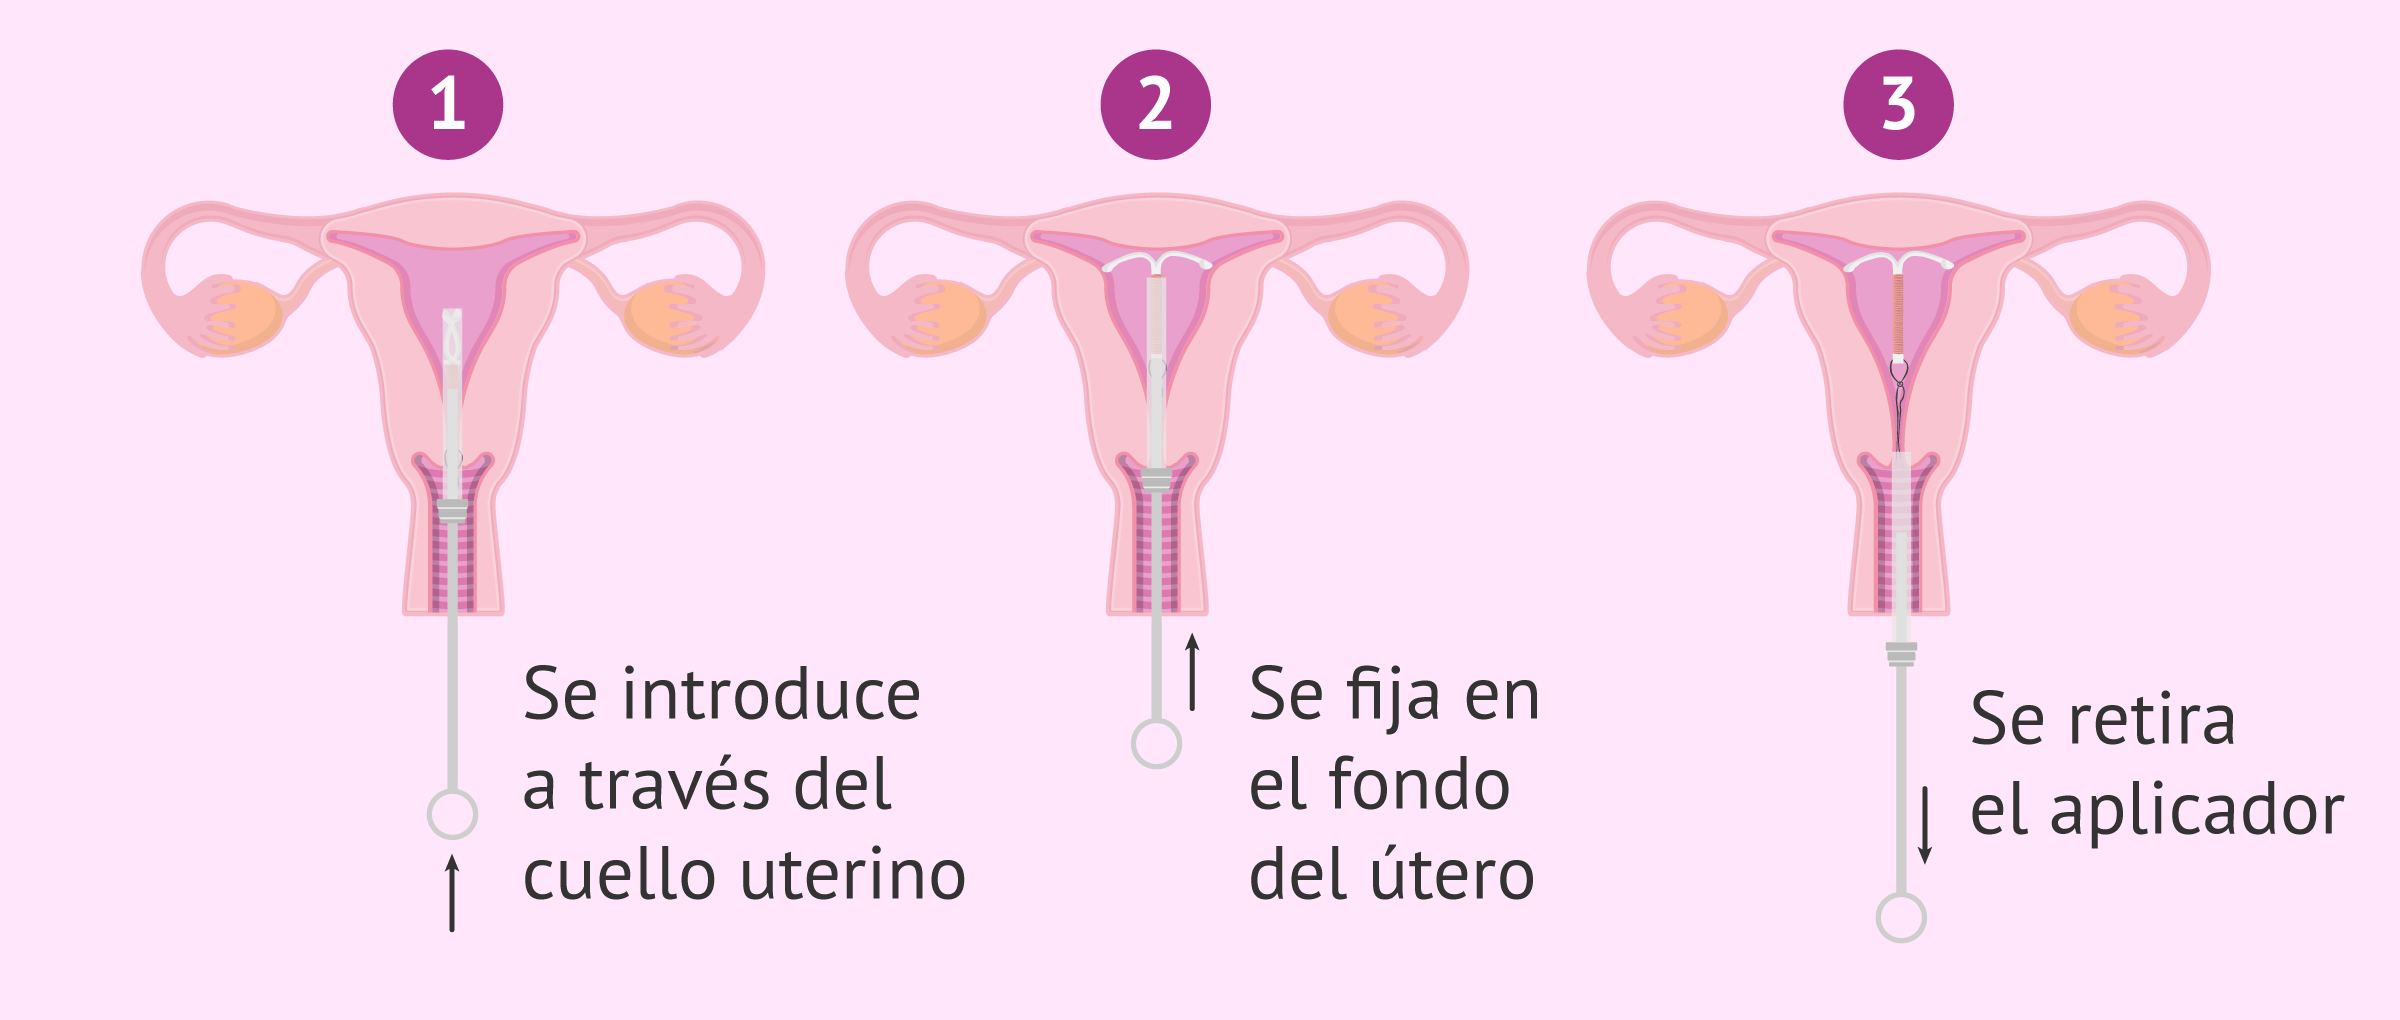 Colocación del DIU en el útero